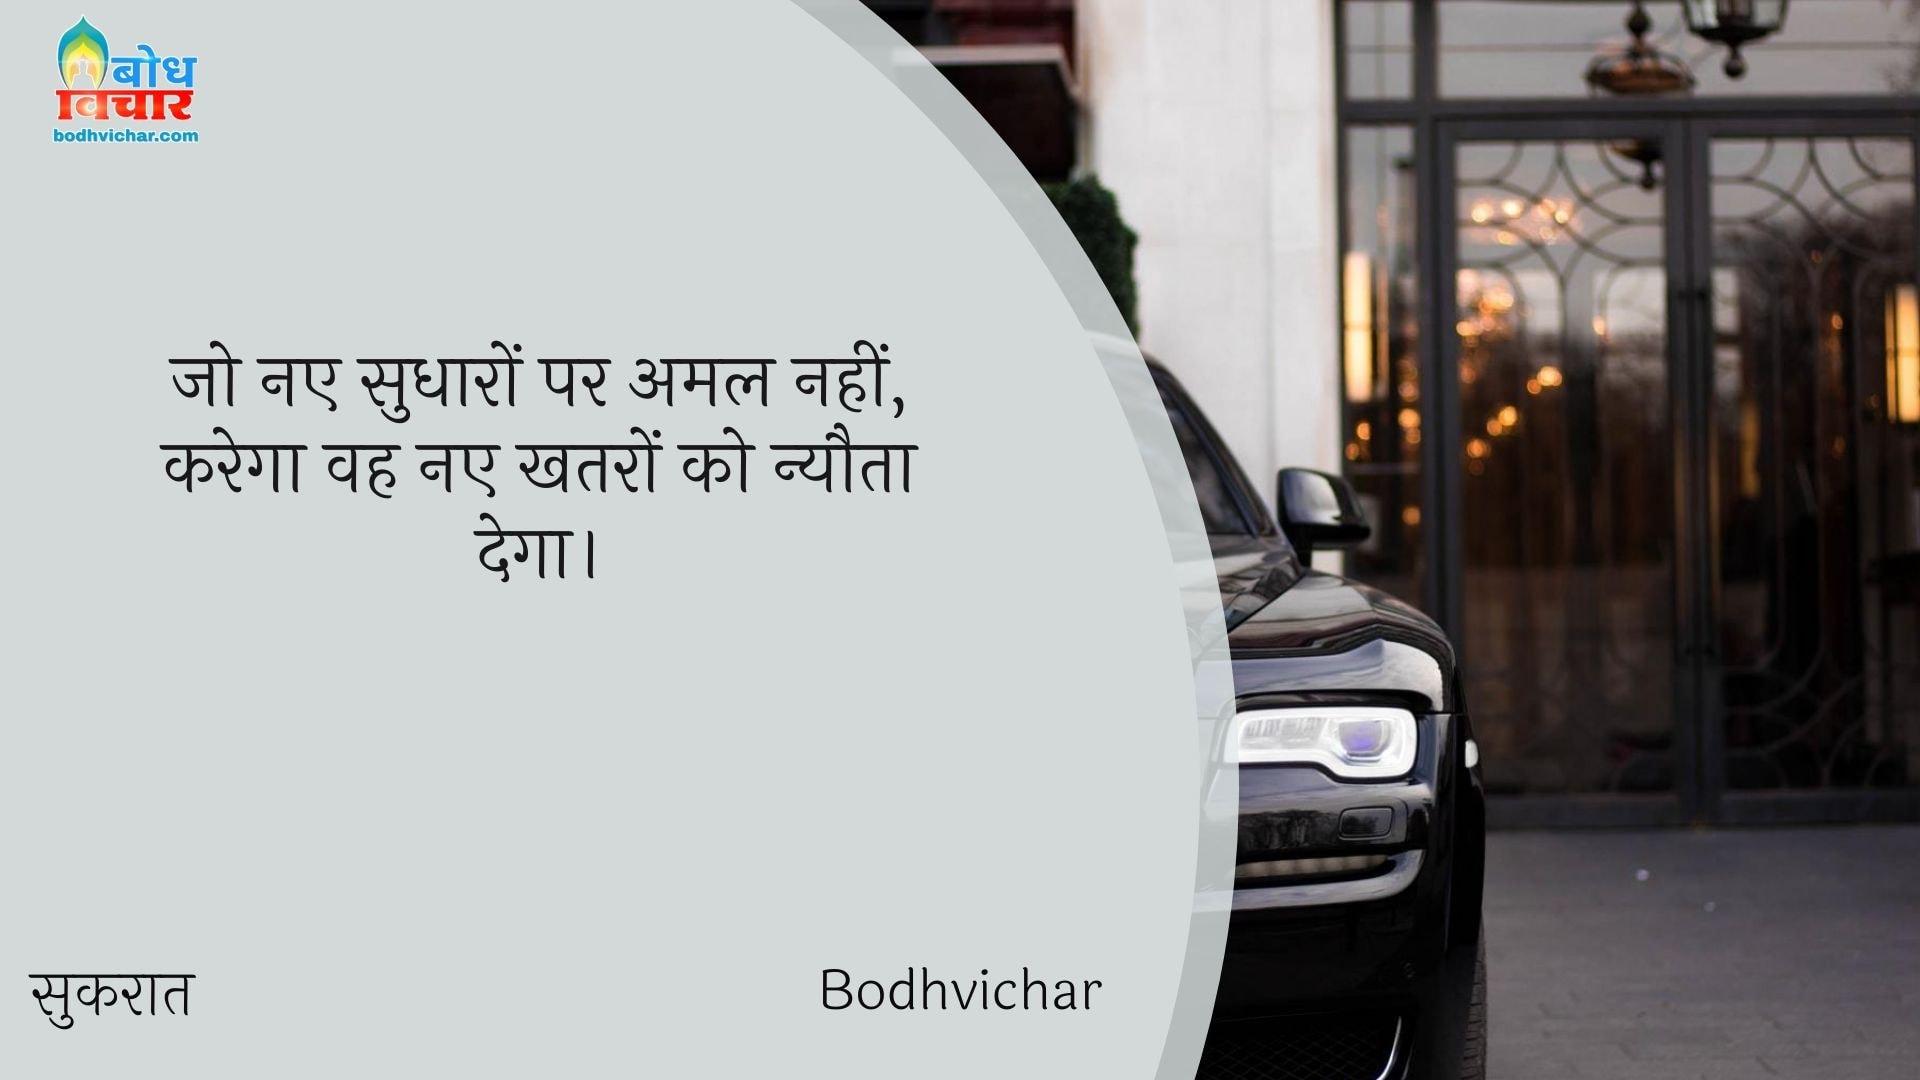 जो नए सुधारों पर अमल नहीं, करेगा वह नए खतरों को न्यौता देगा। : Jo naye sudharo par  amal nahi karega vah naye khatro ko nyota dega. - फ्रांसिस बेकन